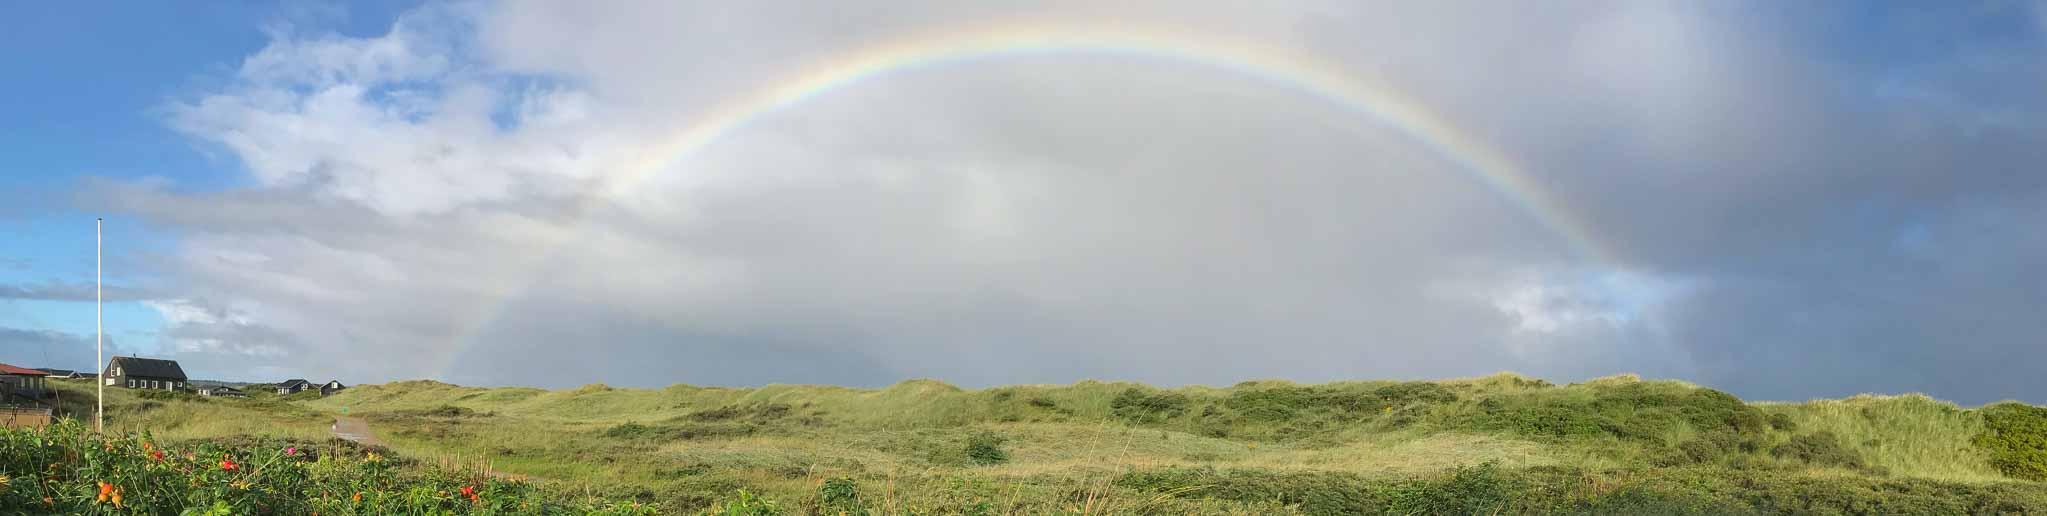 unterwegs in Jütland / Dänemark - Regenbogen über eine Dünenlandschaft bei Løkken